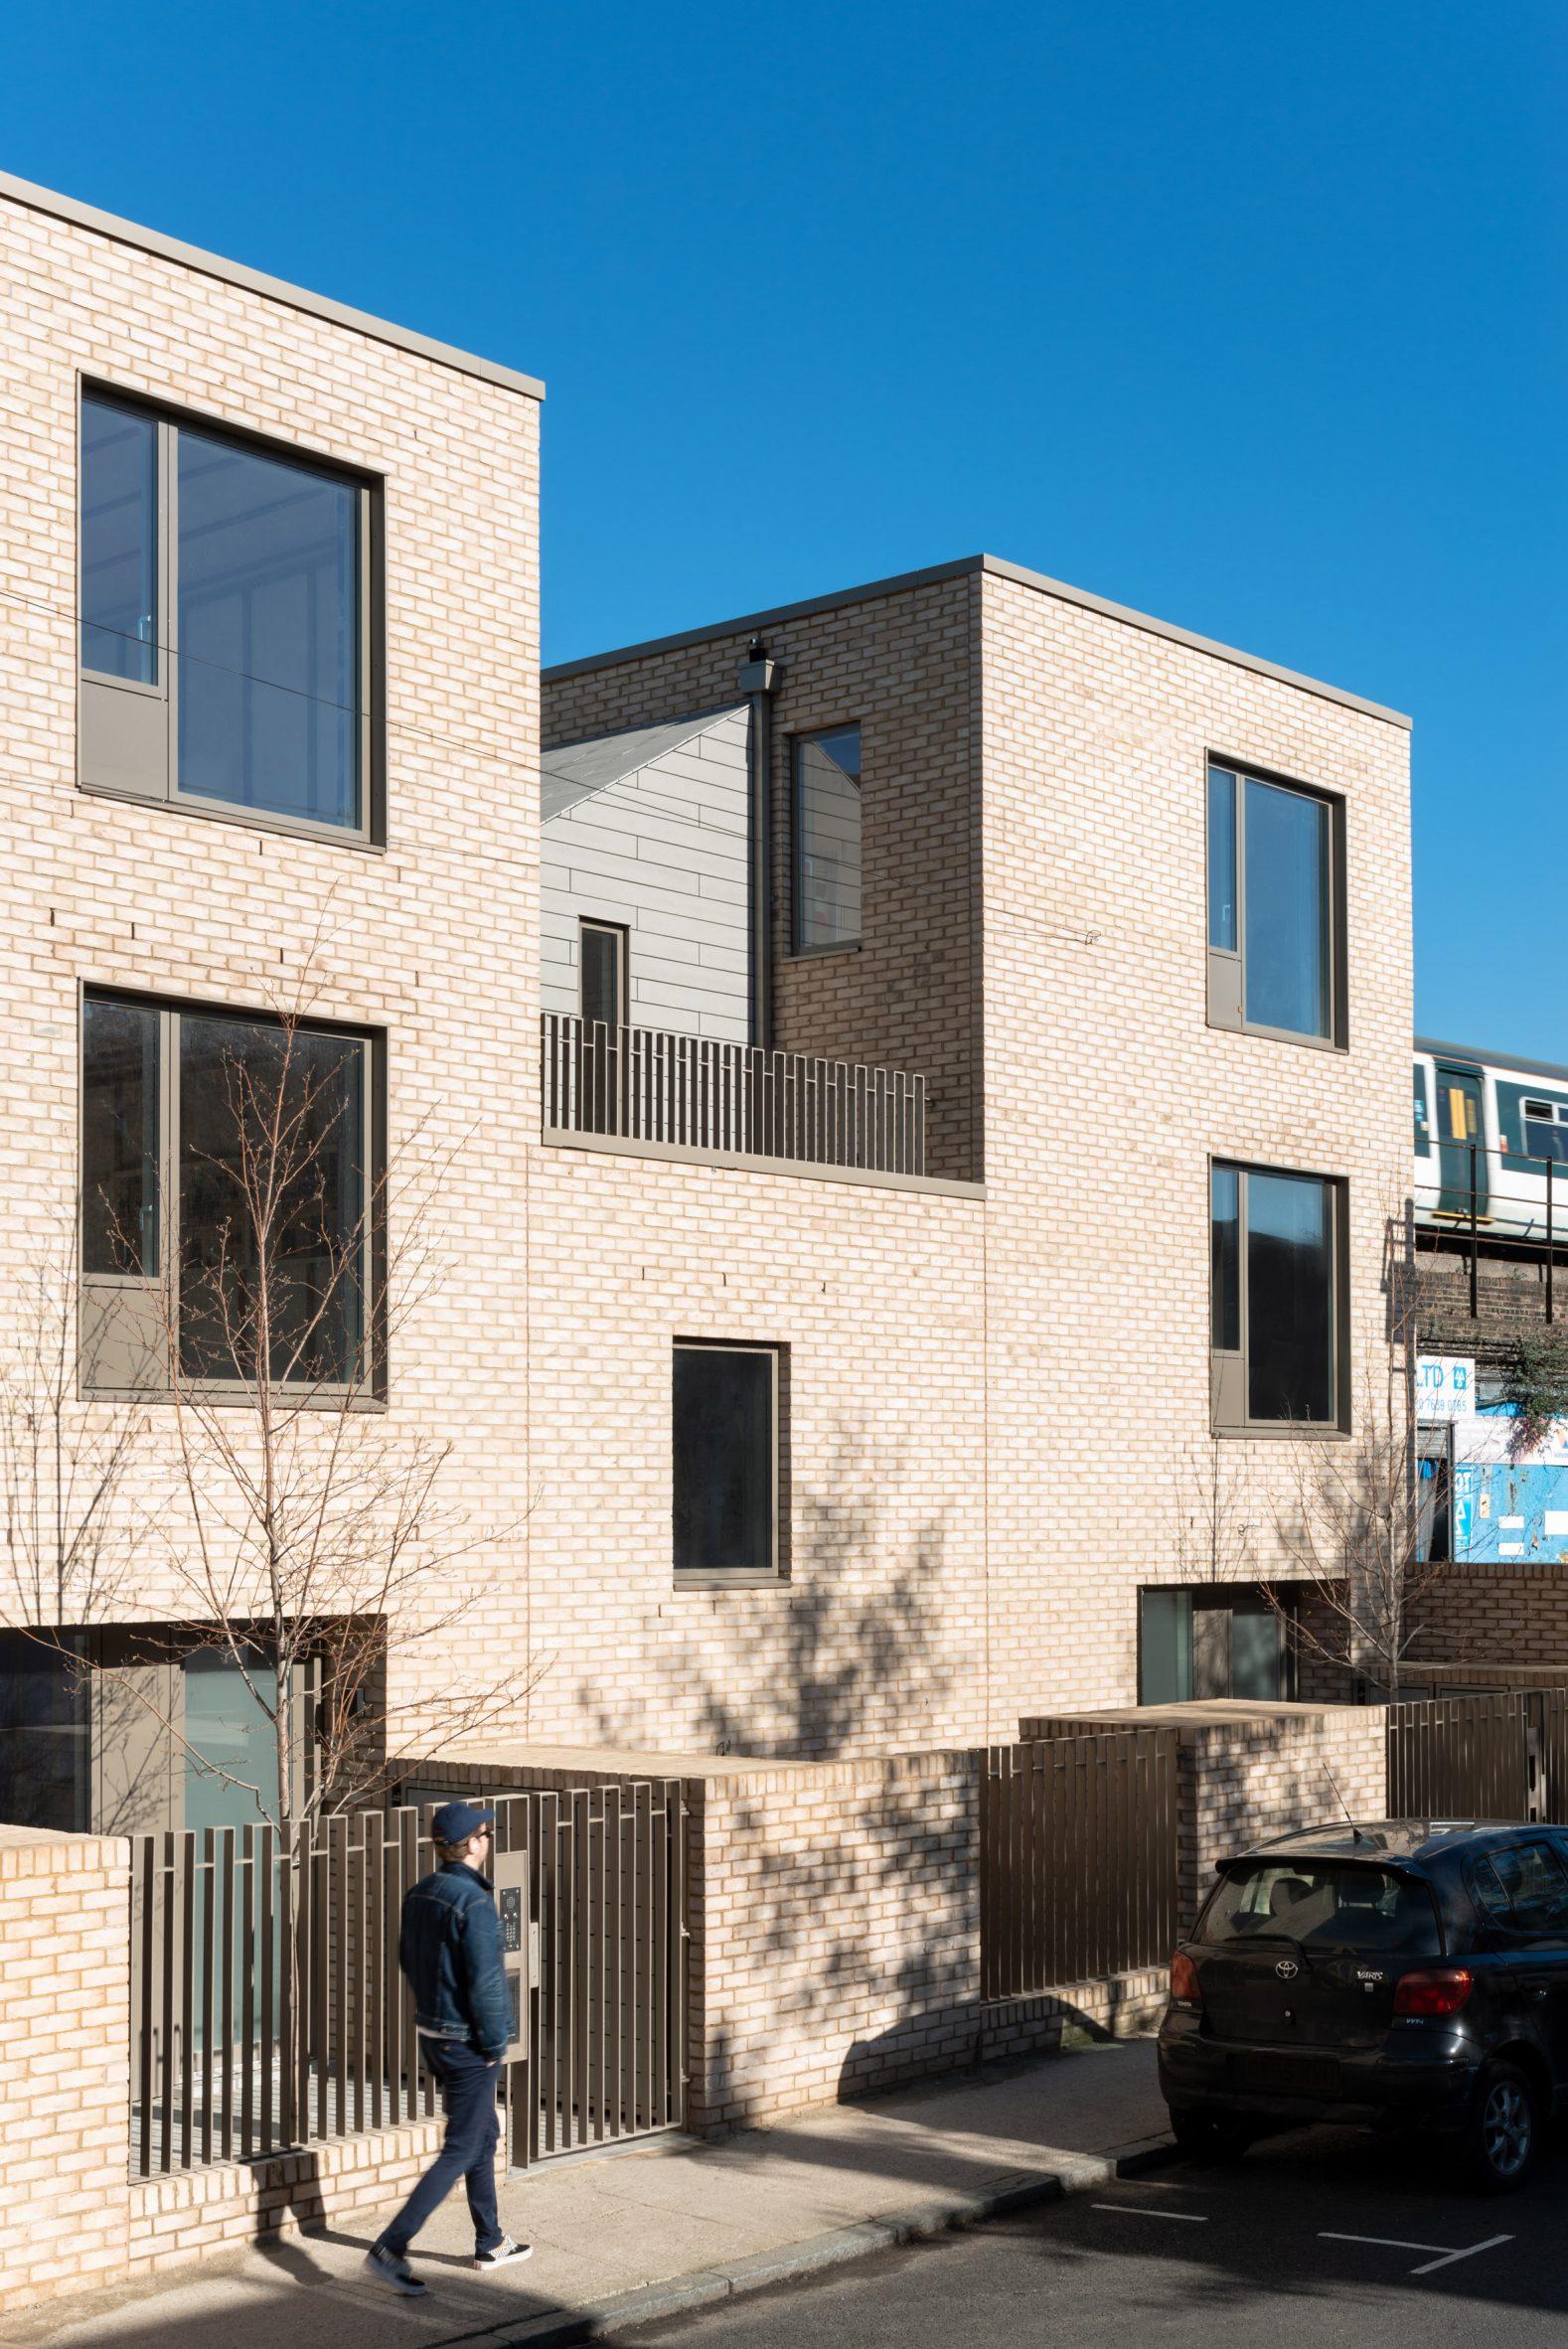 Houses alongside train track in Peckham